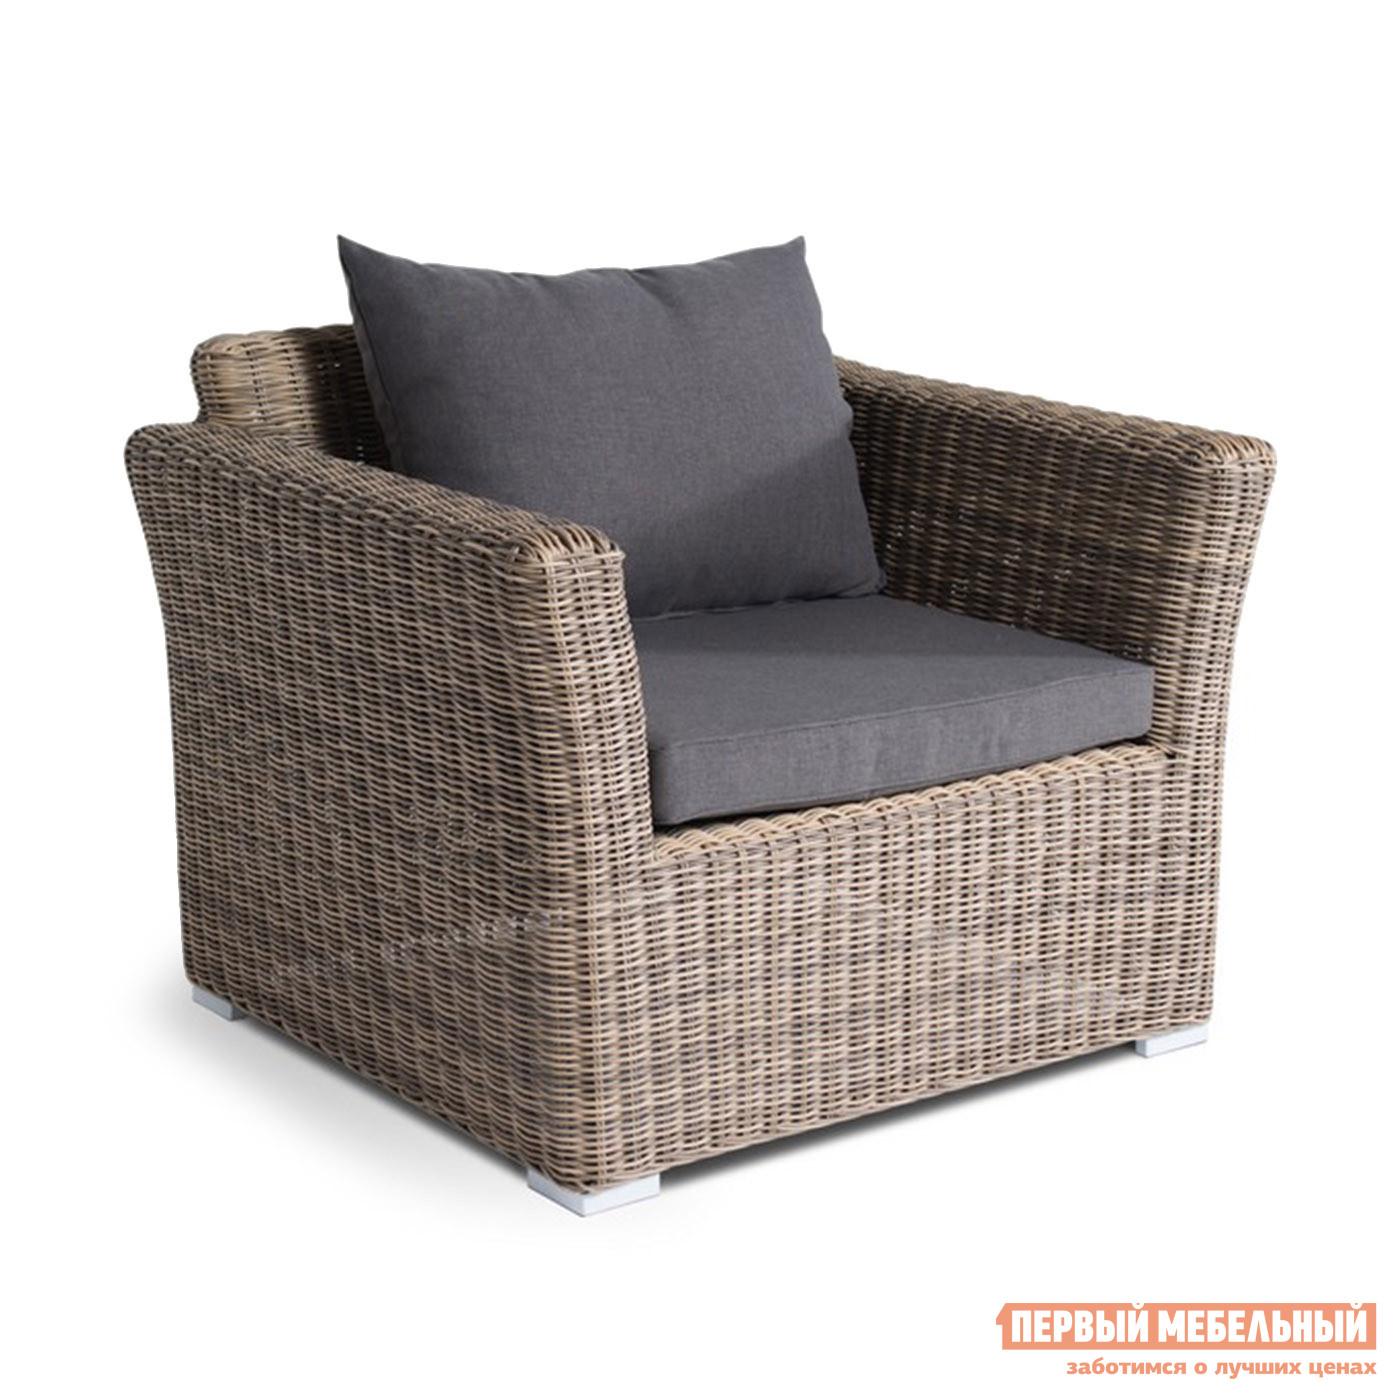 Плетеное кресло с мягким сиденьем Кватросис YH-C1130W-3